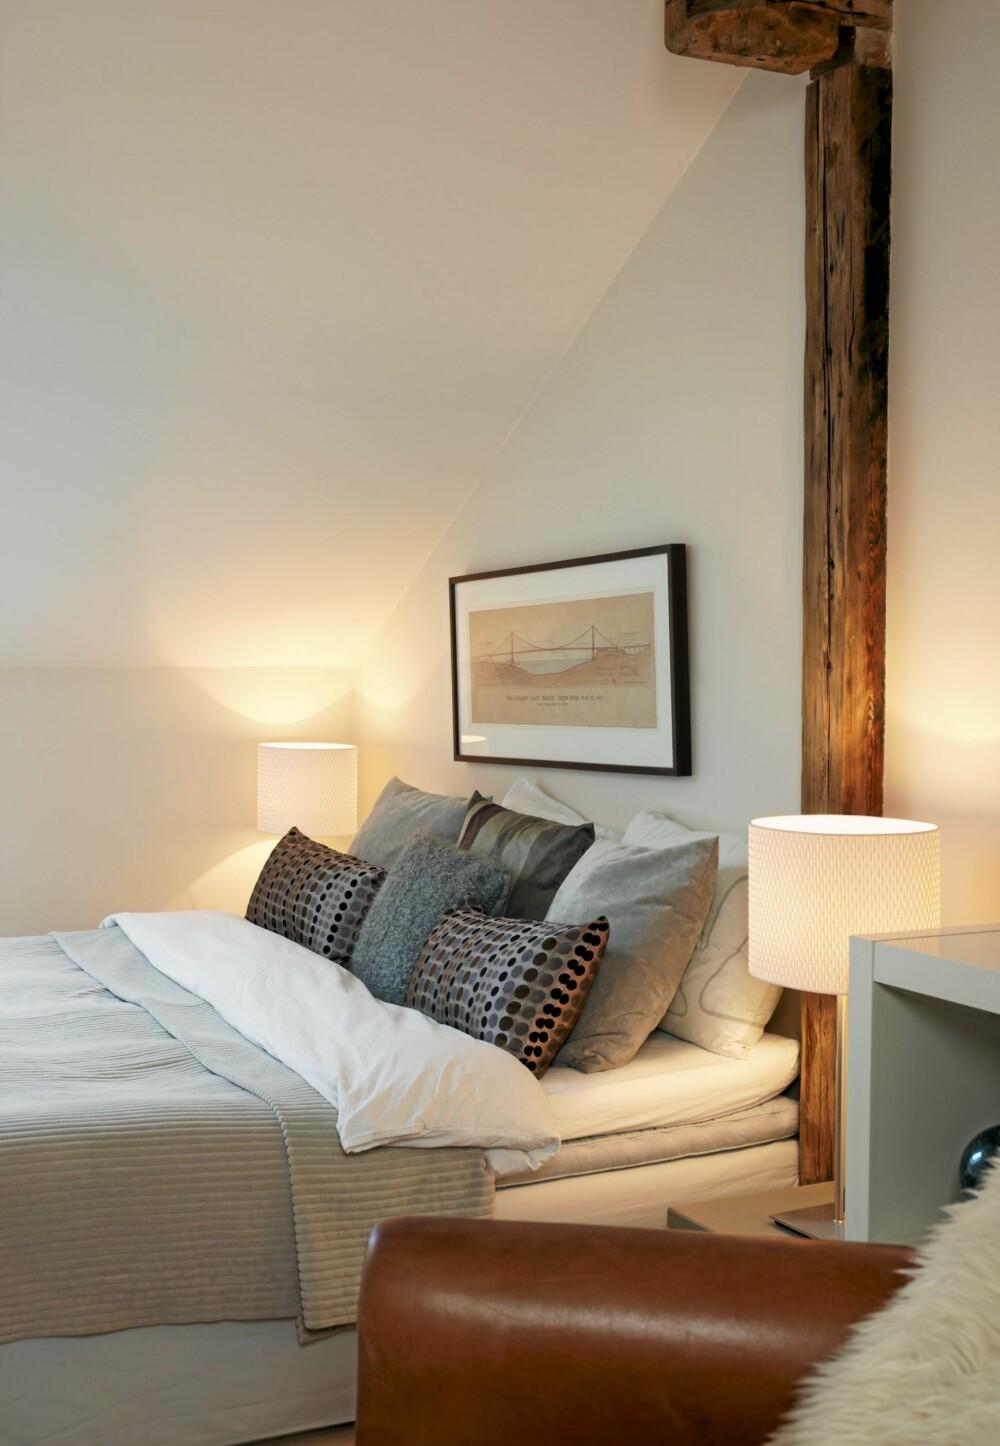 SOVEROM: Sengeteppe i cordfløyel fra Habitat. Putene er en miks av Raun,  Ikea og hjemmestrikket.